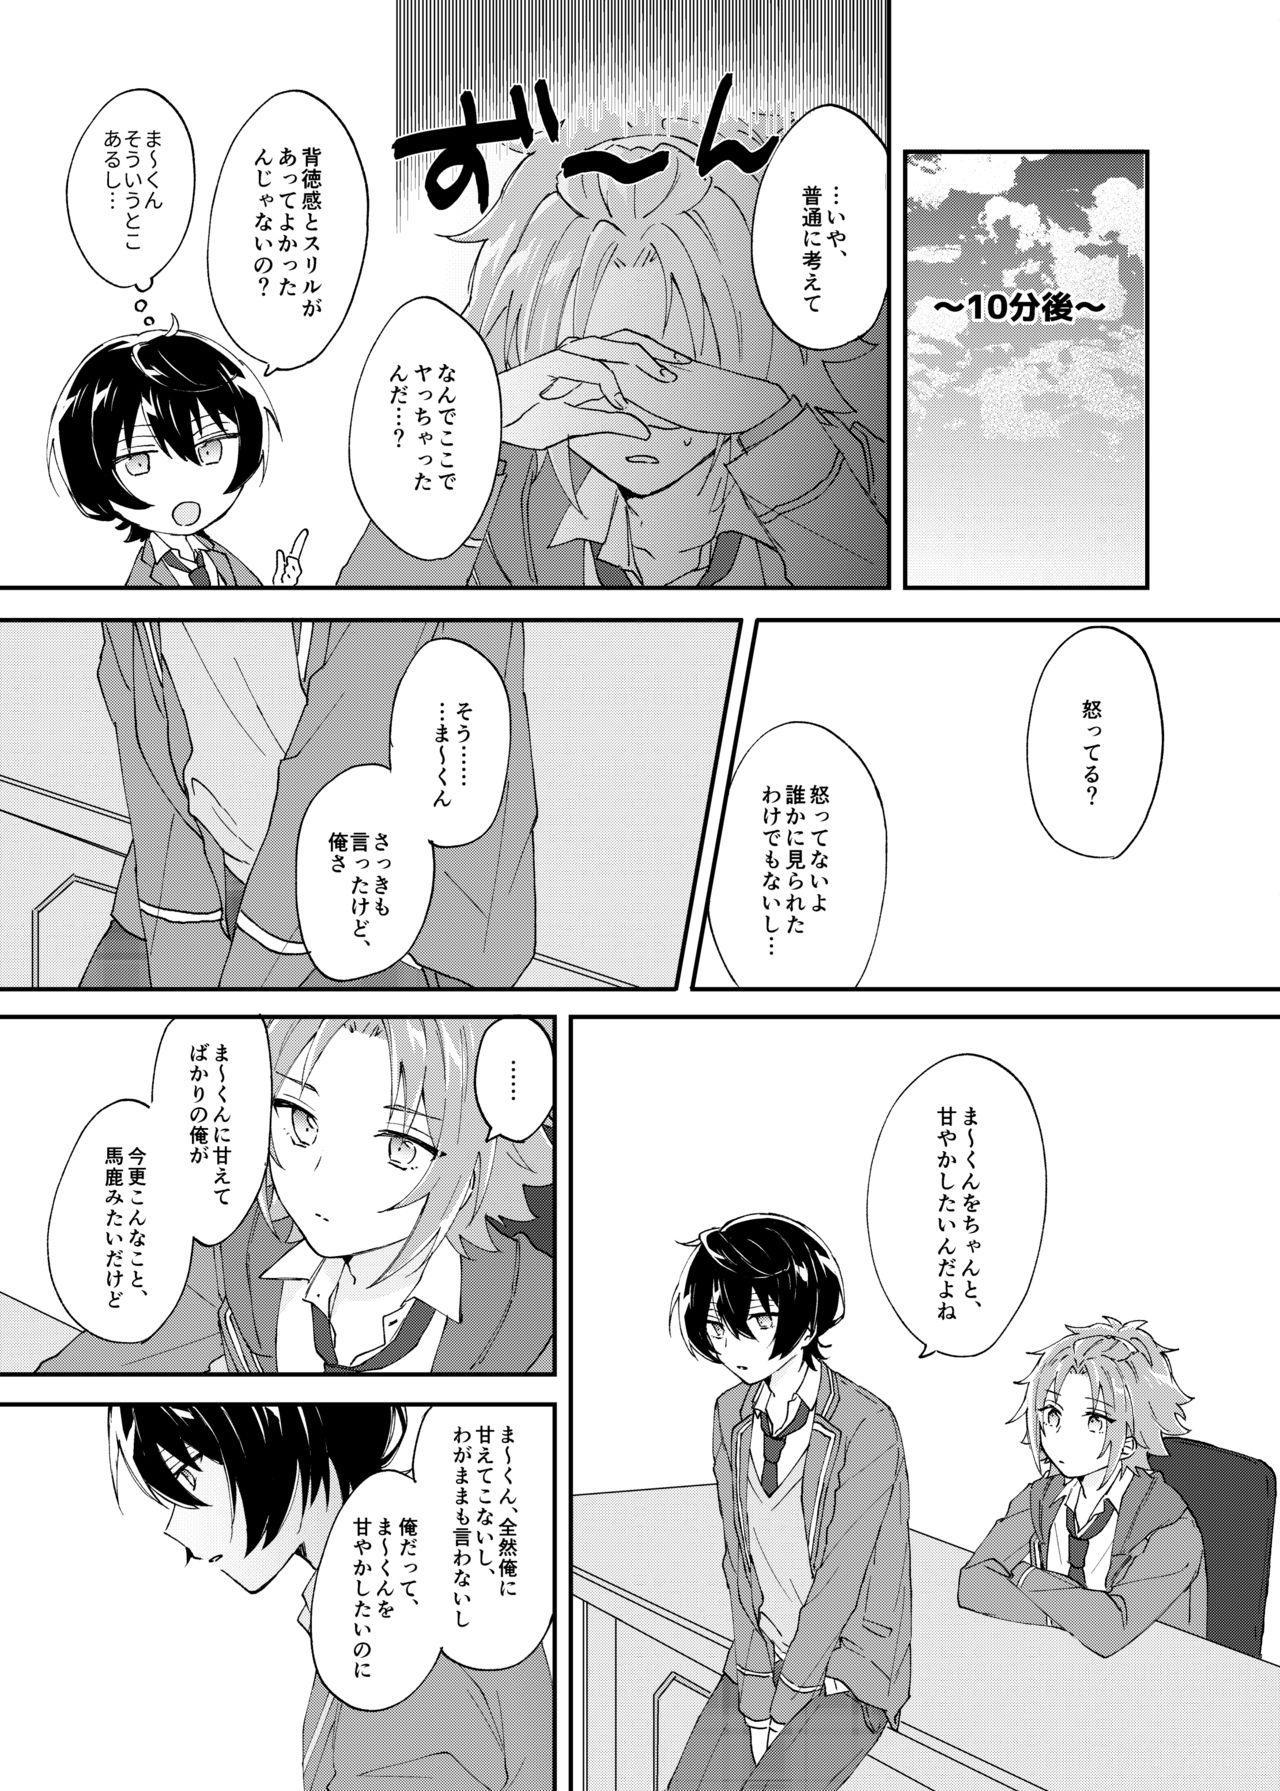 Rou o Tokashite 22